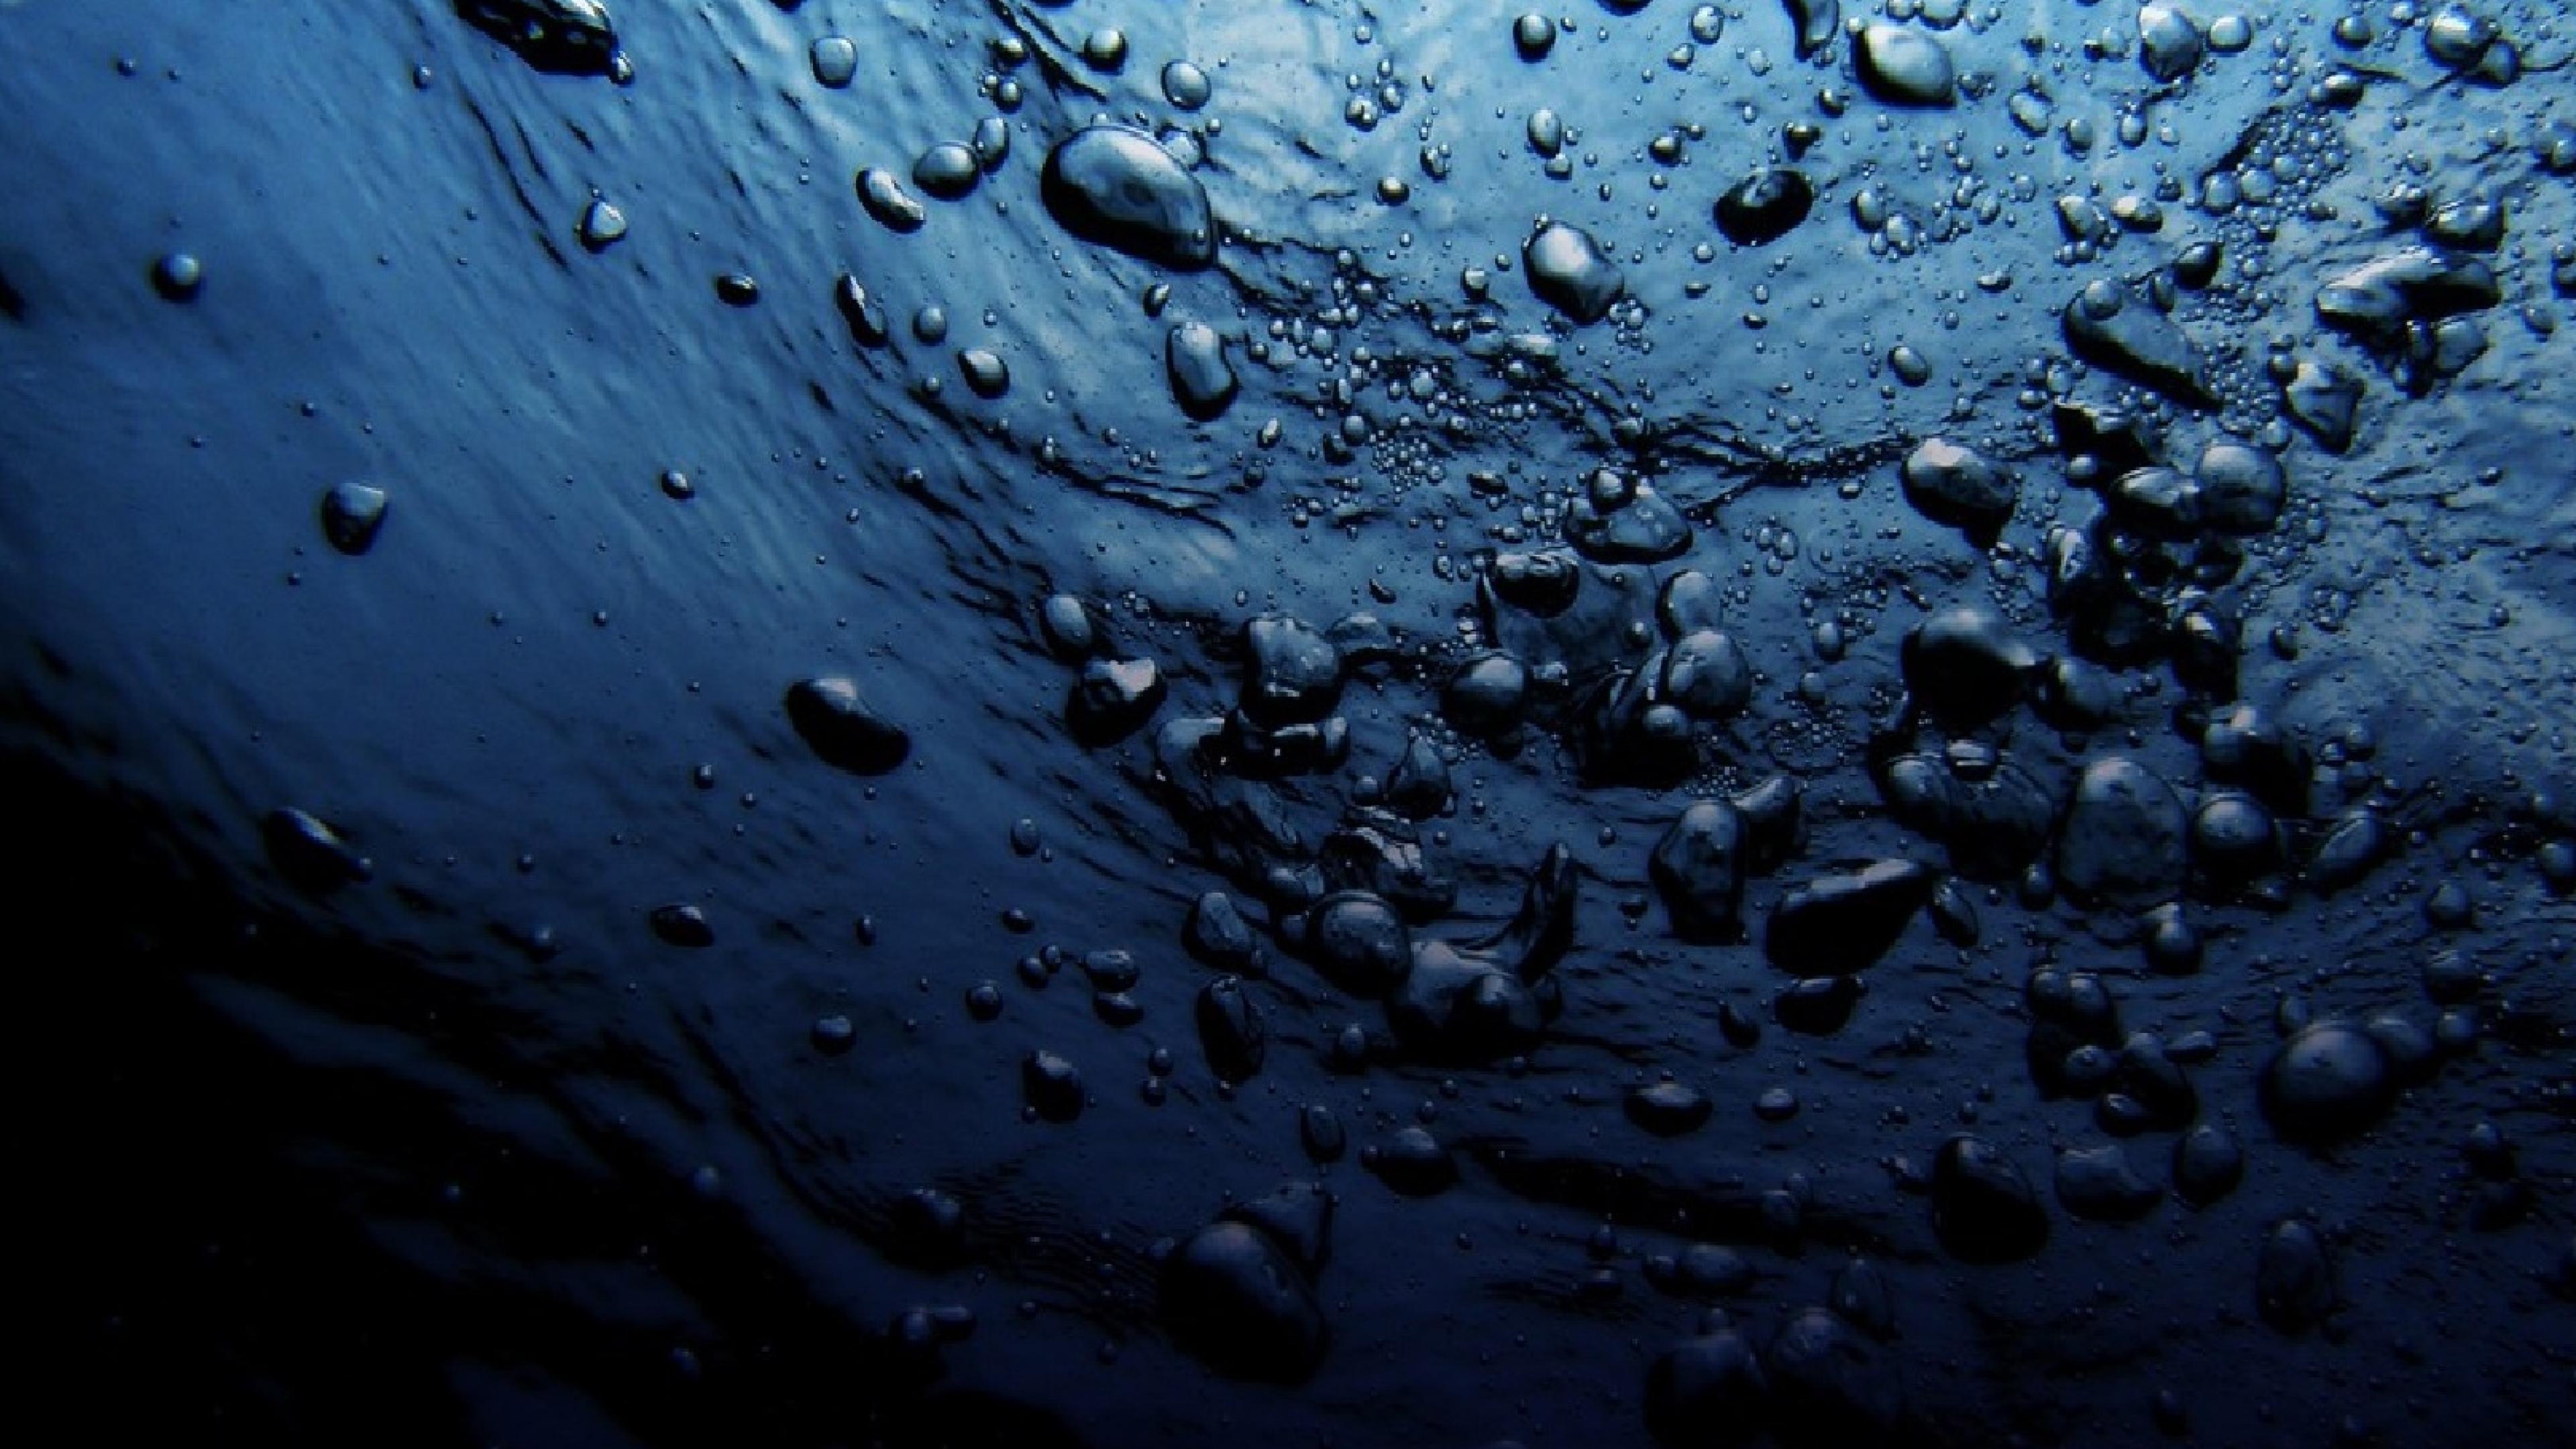 Download Wallpaper 3840x2160 Water Drops Dark 4K Ultra HD HD 3840x2160